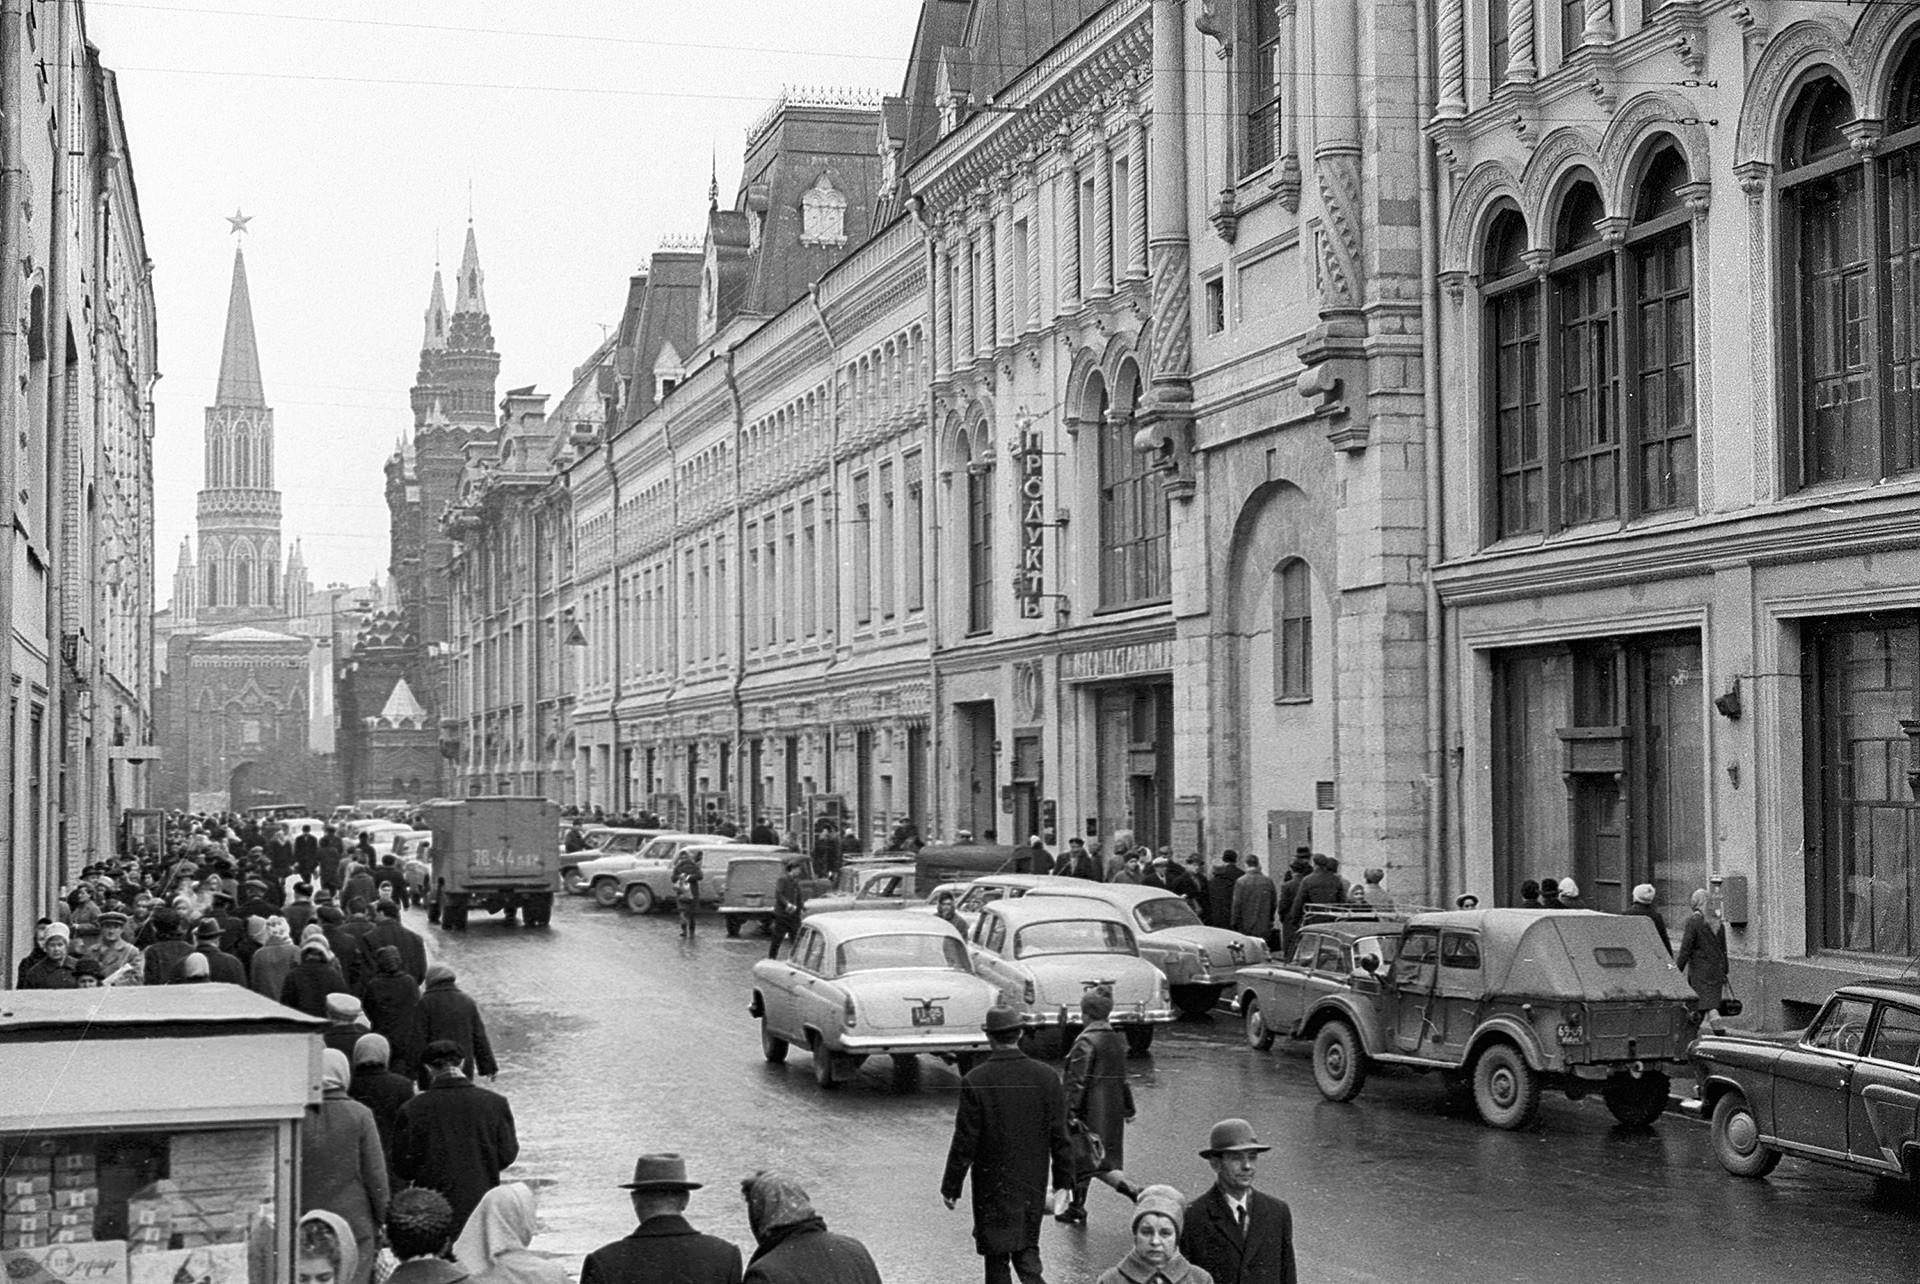 ニコリスカヤ通り、1968年。